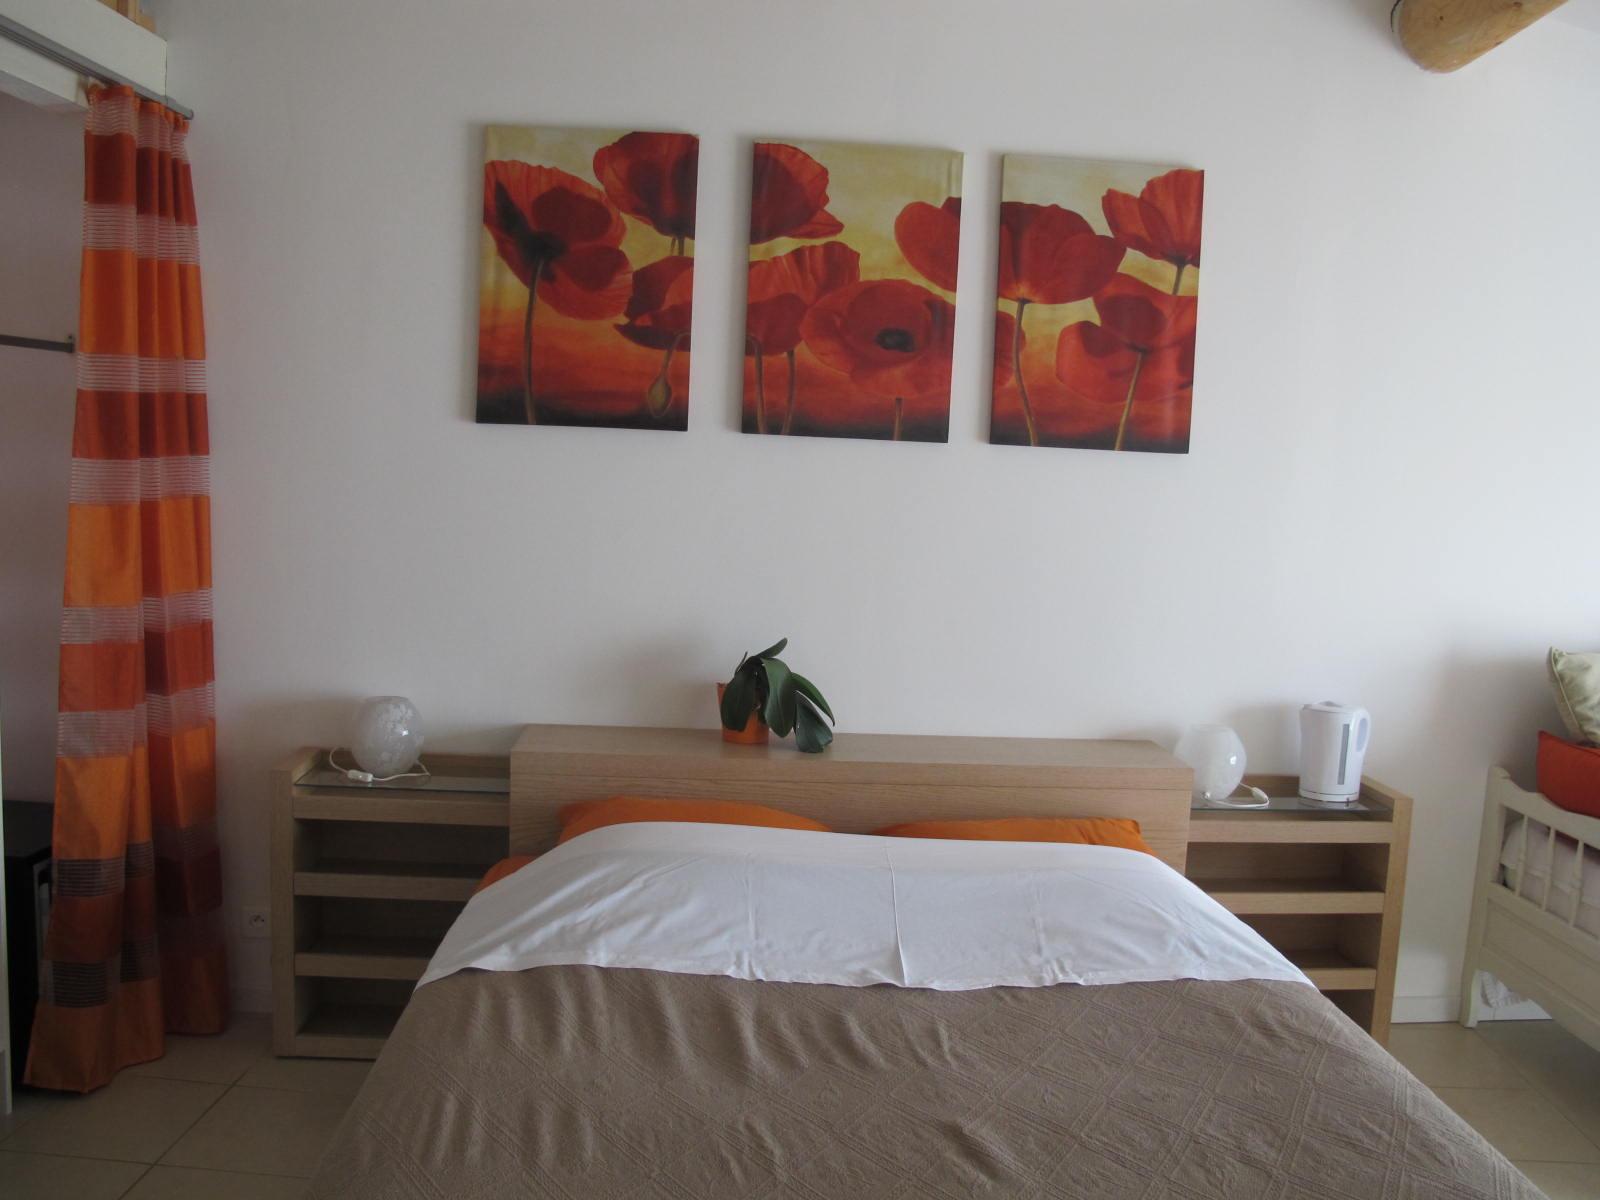 loucardaline-bedoin-ventoux-chambre d hotes-vaucluse-familliale-calme-climatisé